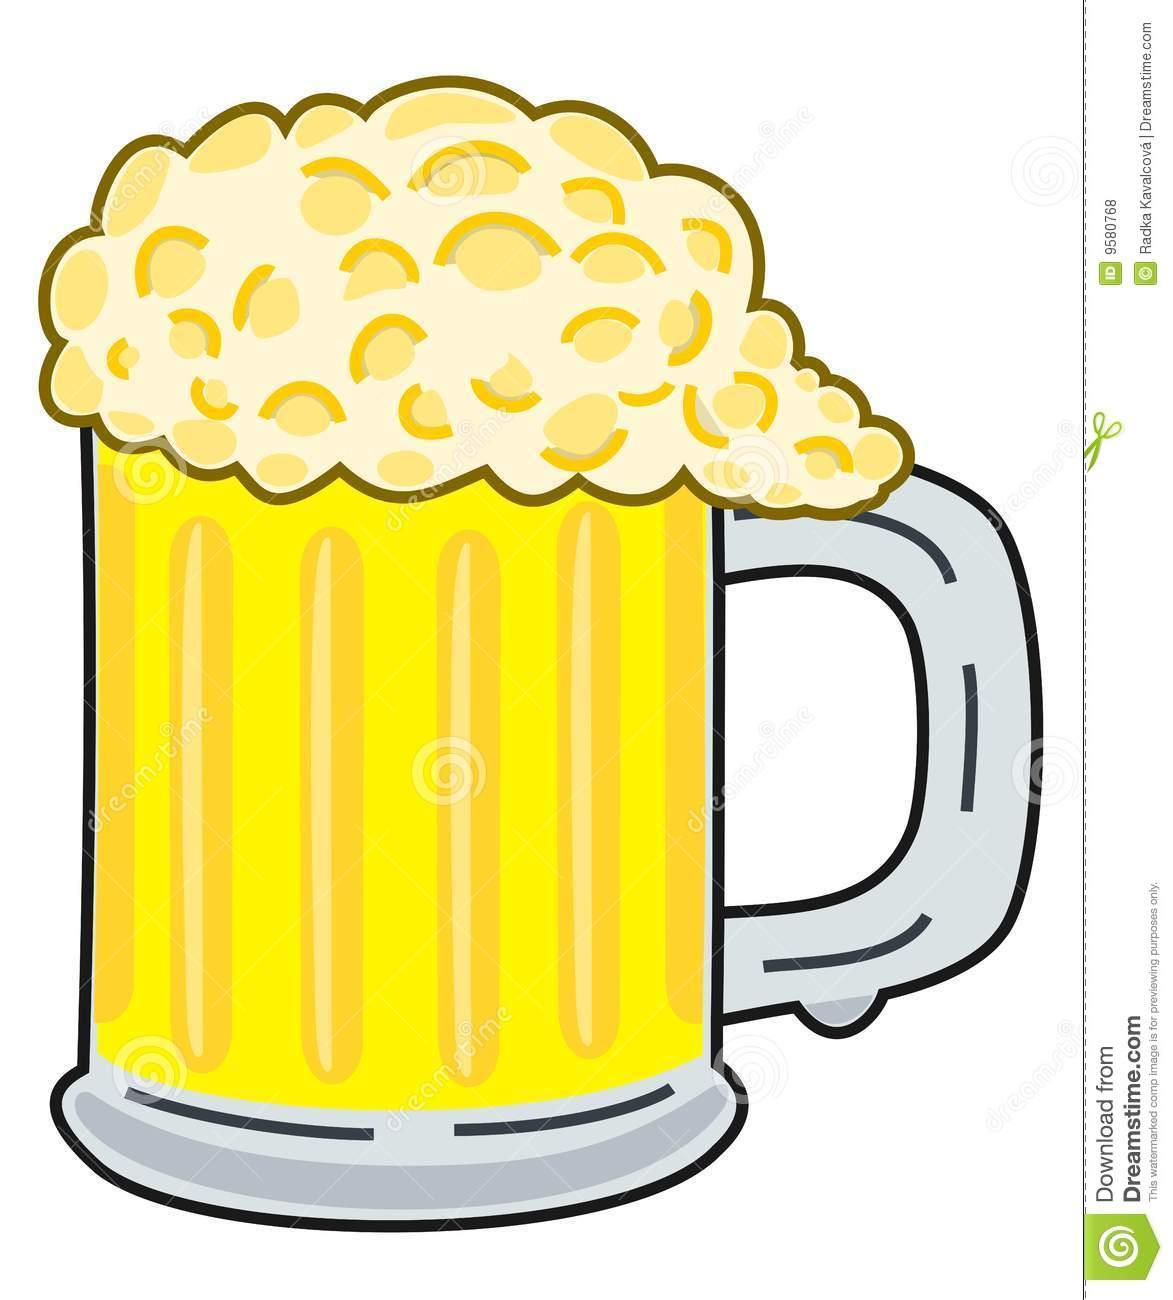 beer garden clipart. free beer mug clip art. beer clipart beer ...